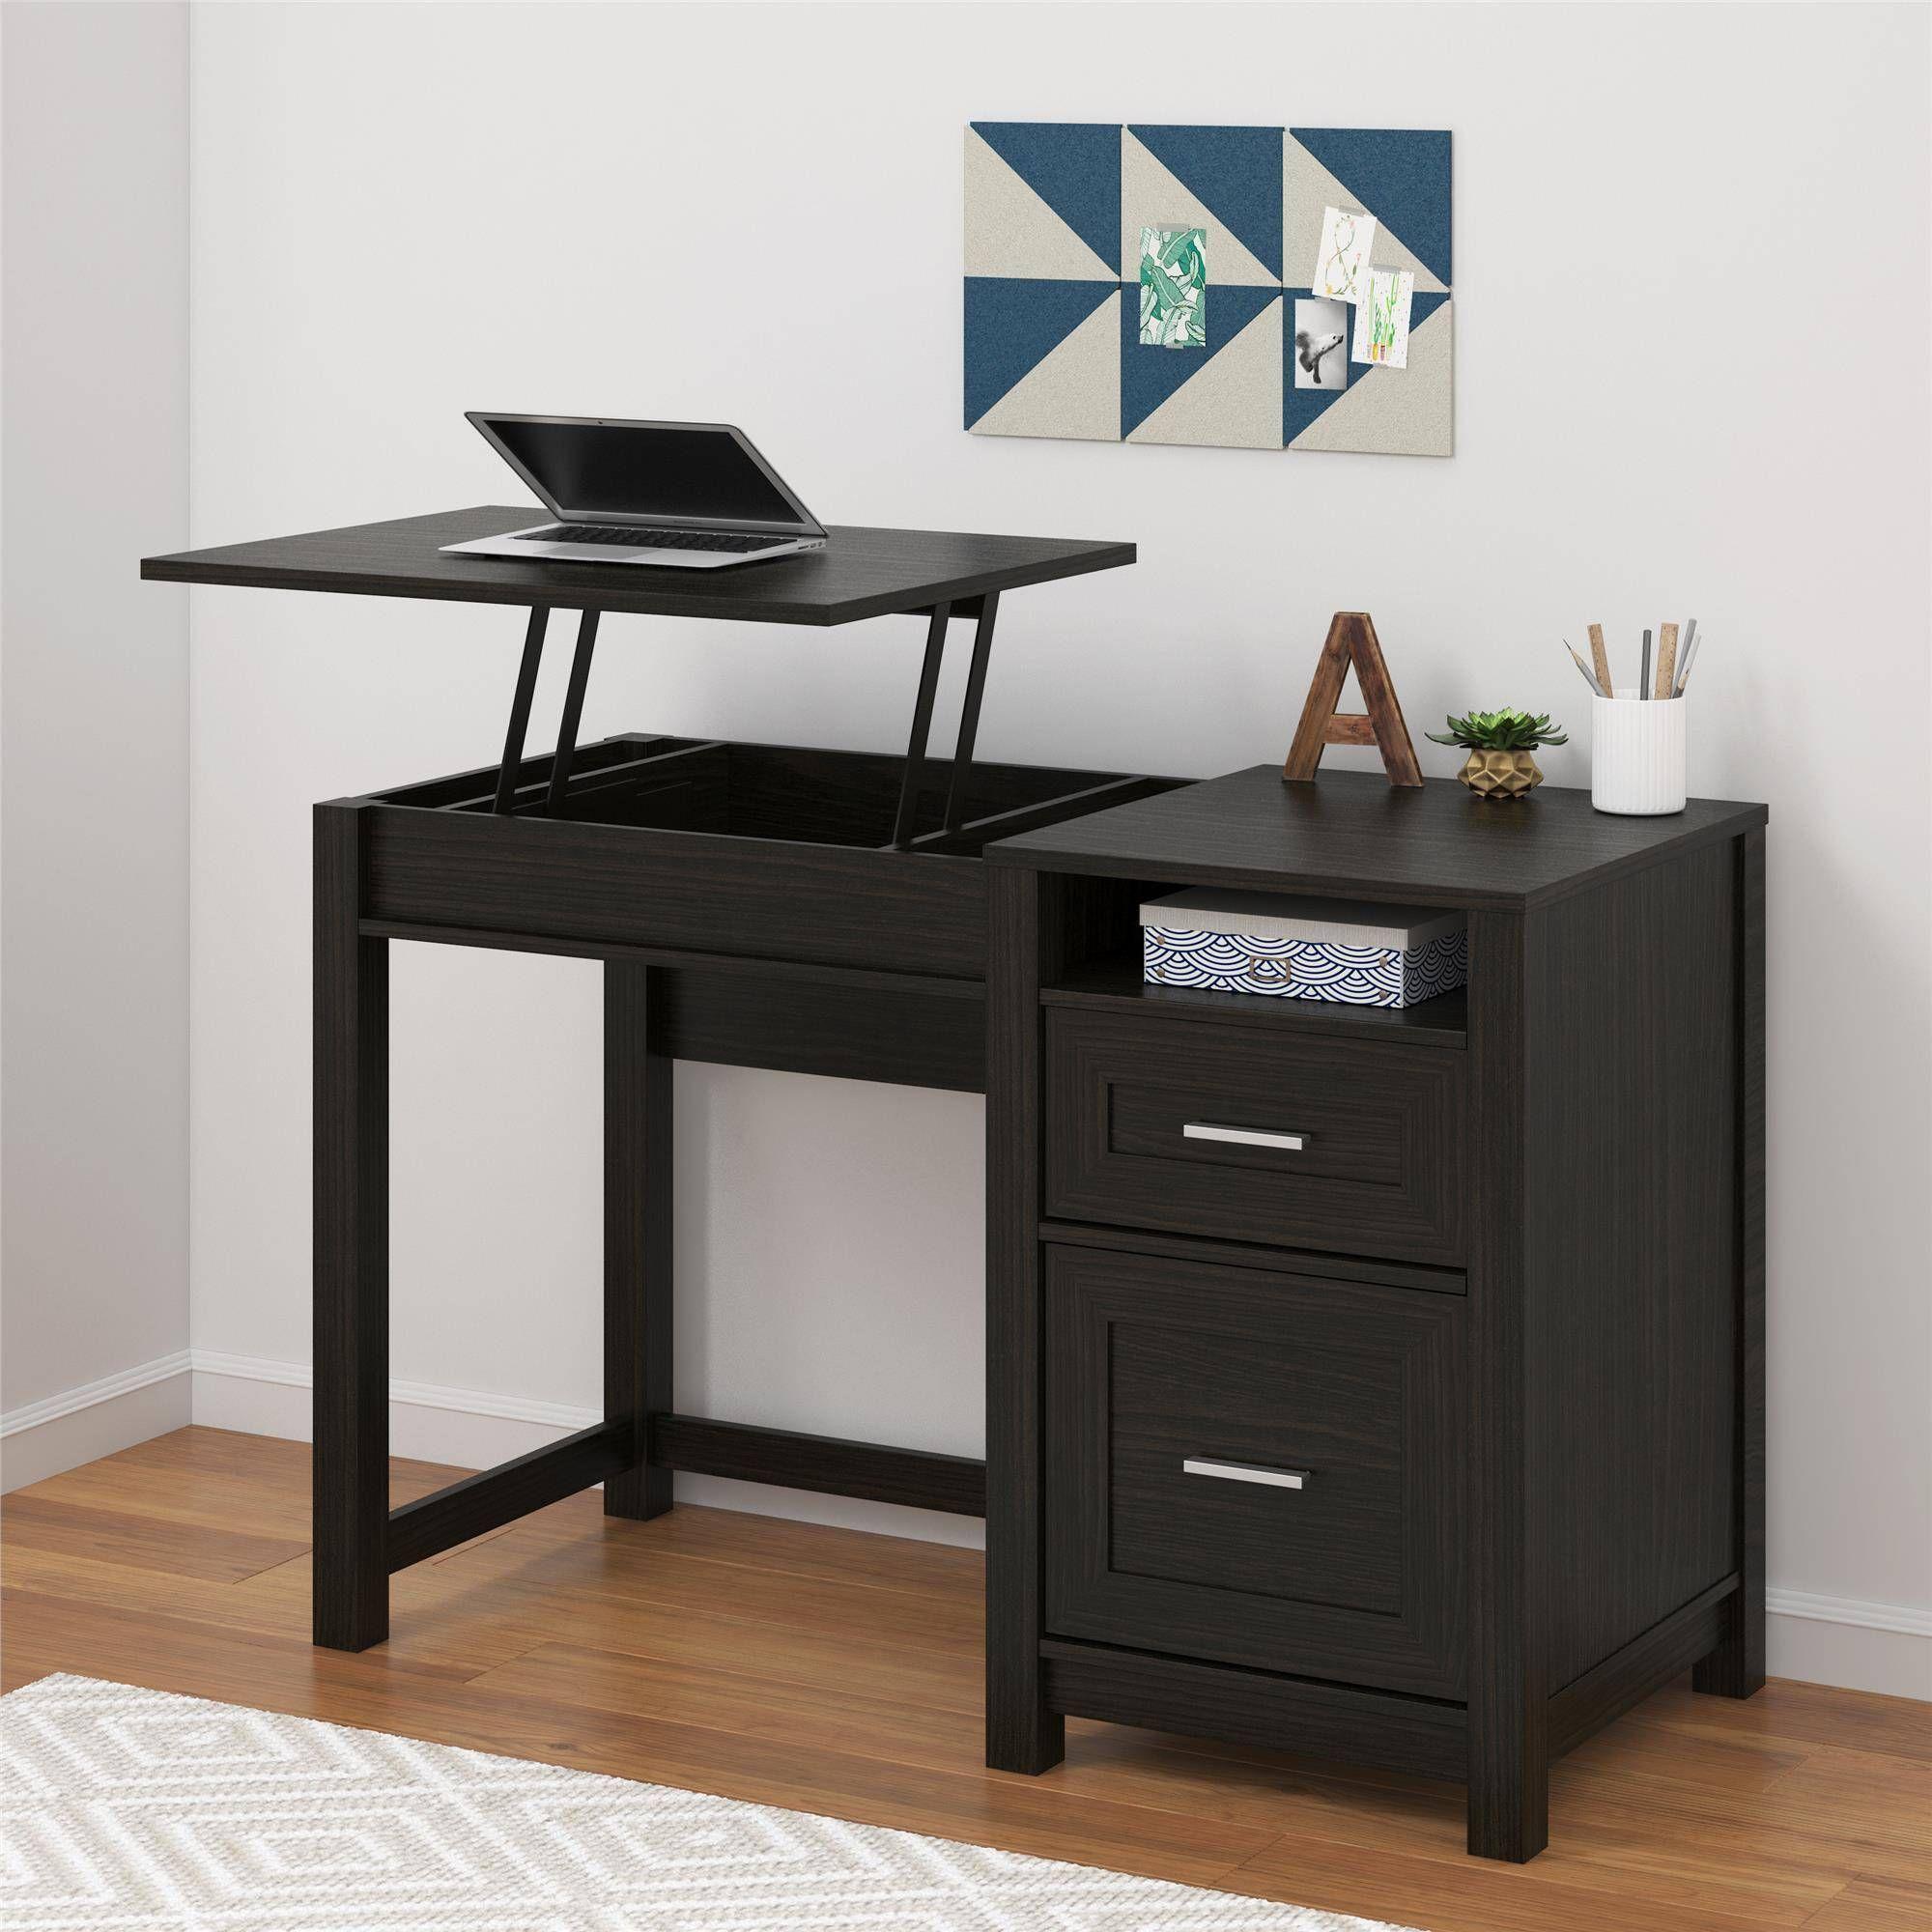 c0f1f126b92939bb5a027a1bc2924abb - Better Homes And Gardens Computer Workstation Desk And Hutch